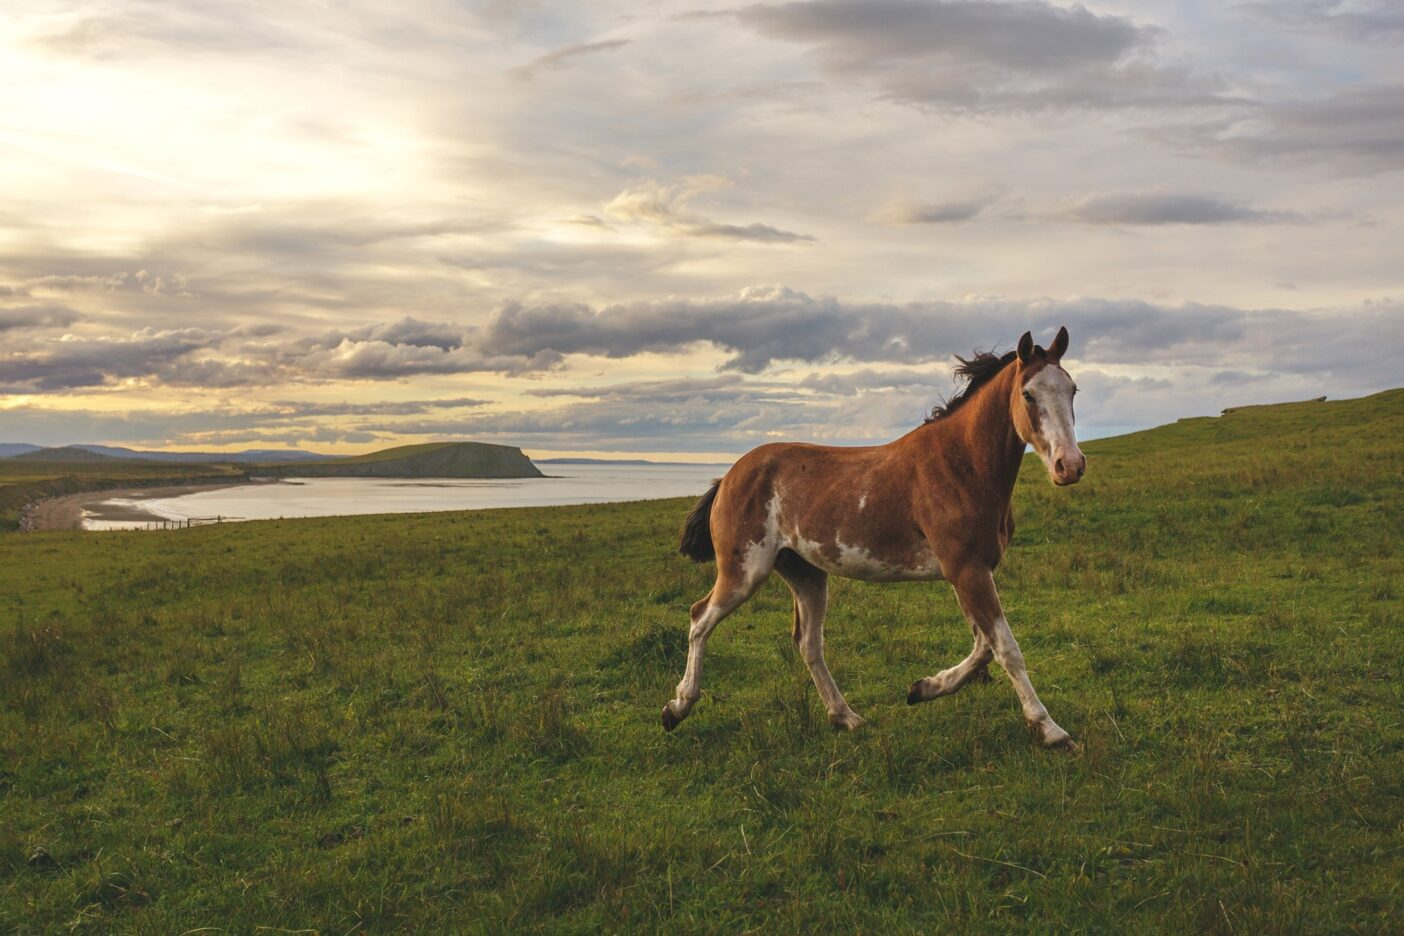 ティエラ・デル・フエゴでは馬は在来種ではないものの、 いまでは島の野生動物の一員として解け込んでいる。写真 : ロドリゴ・マンズ